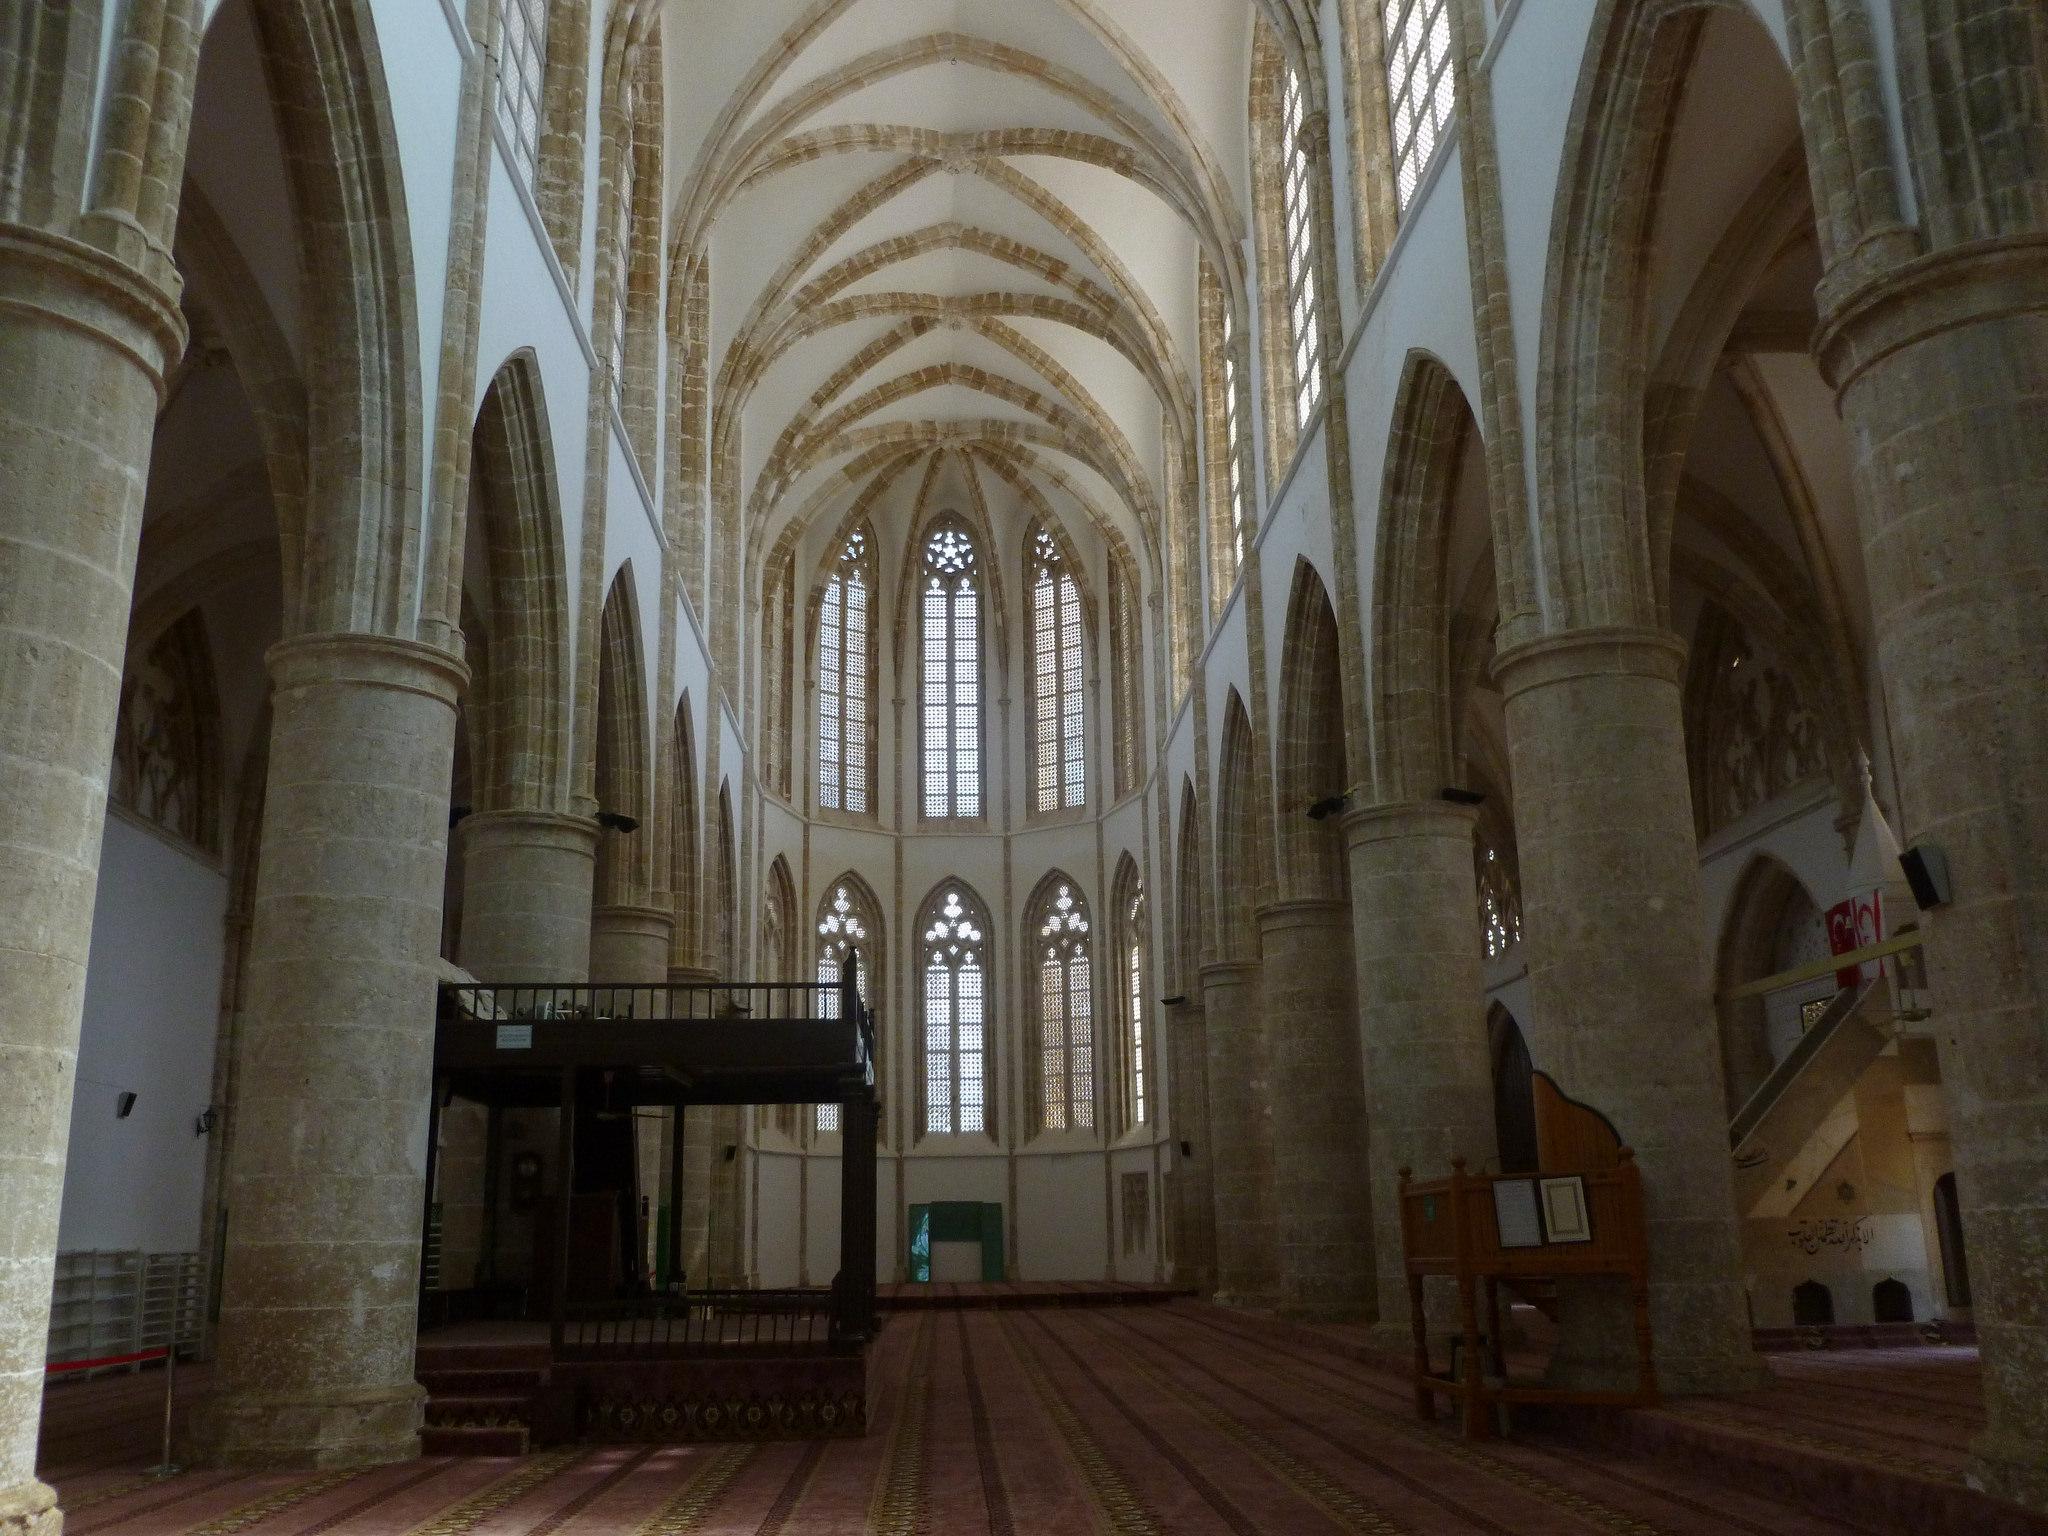 Mosquée Lala Mustapha Pacha (ancienne cathédrale Saint-Nicolas), Famagouste (Chypre).